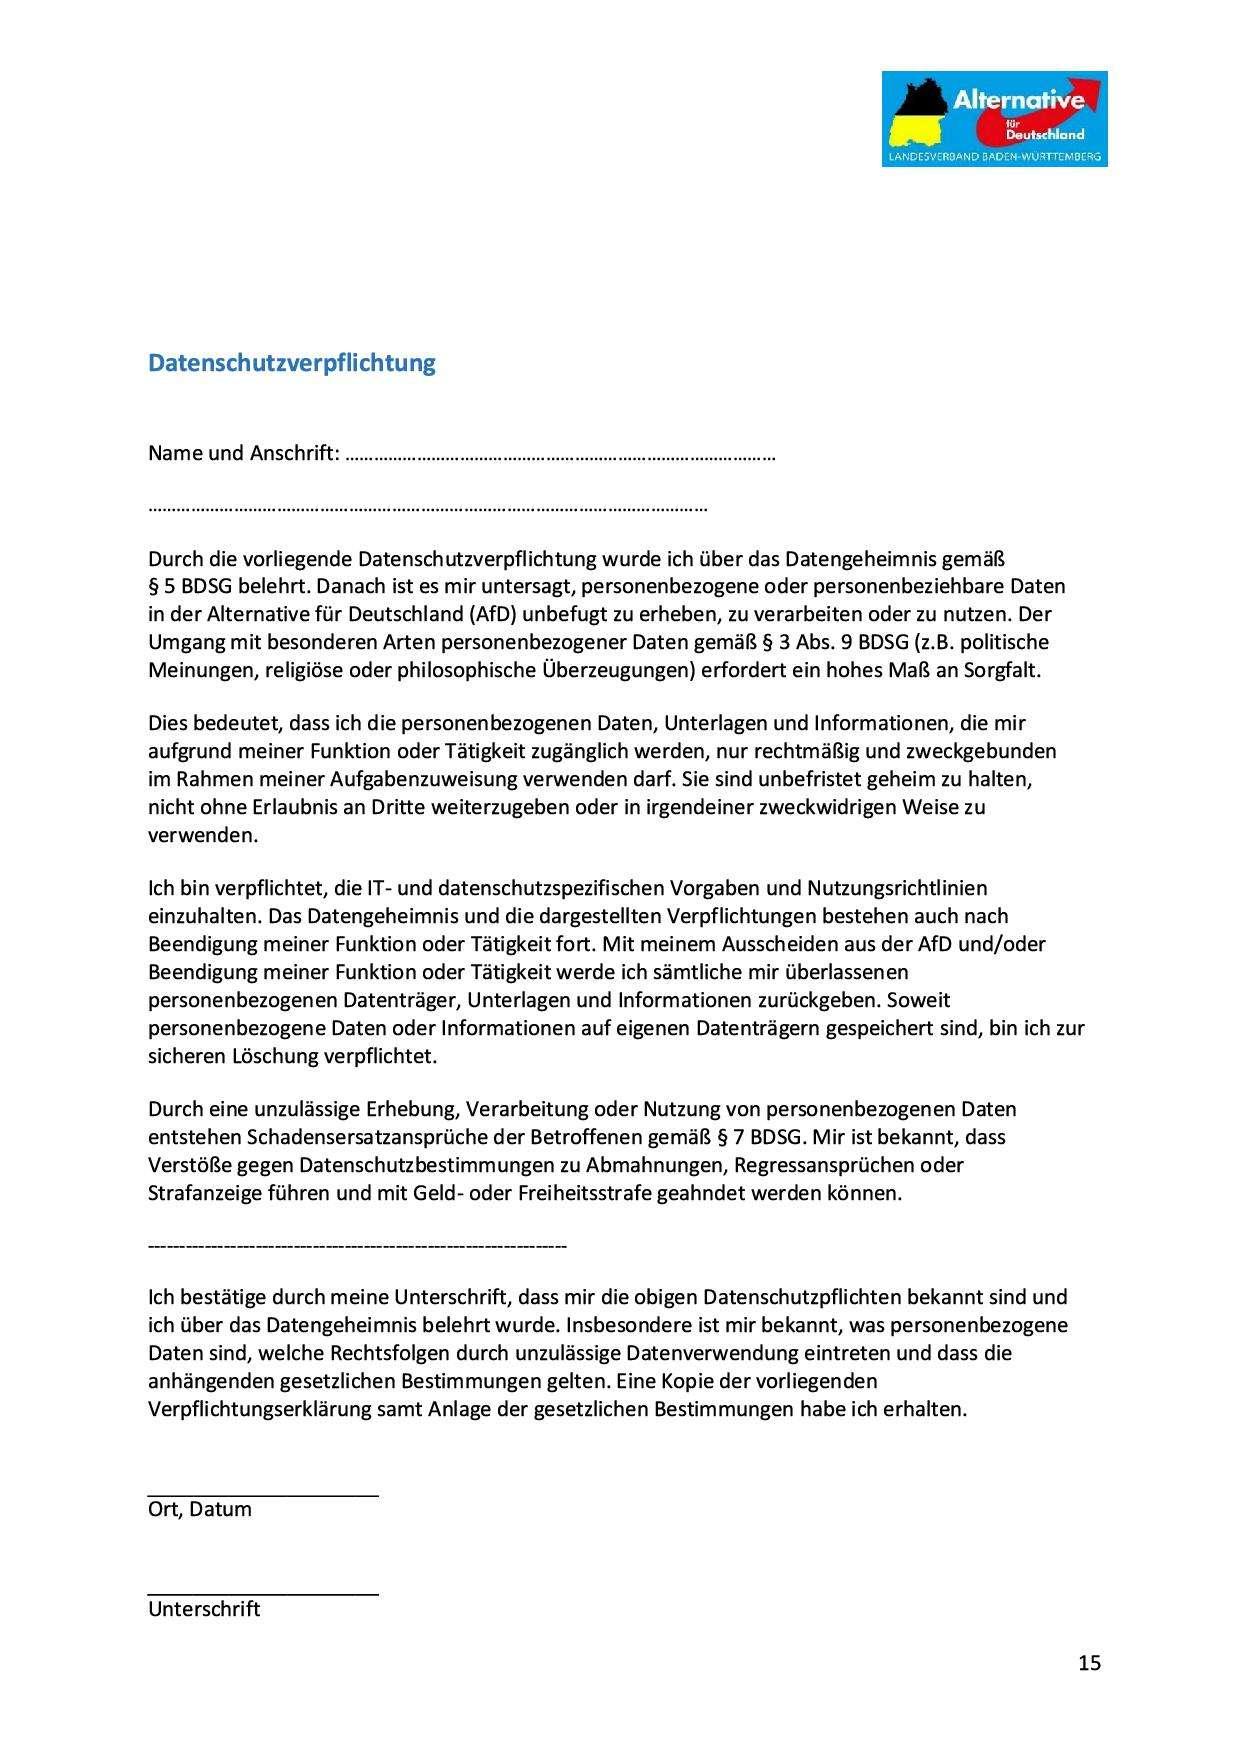 Datenschutzverpflichtung Version 1.81